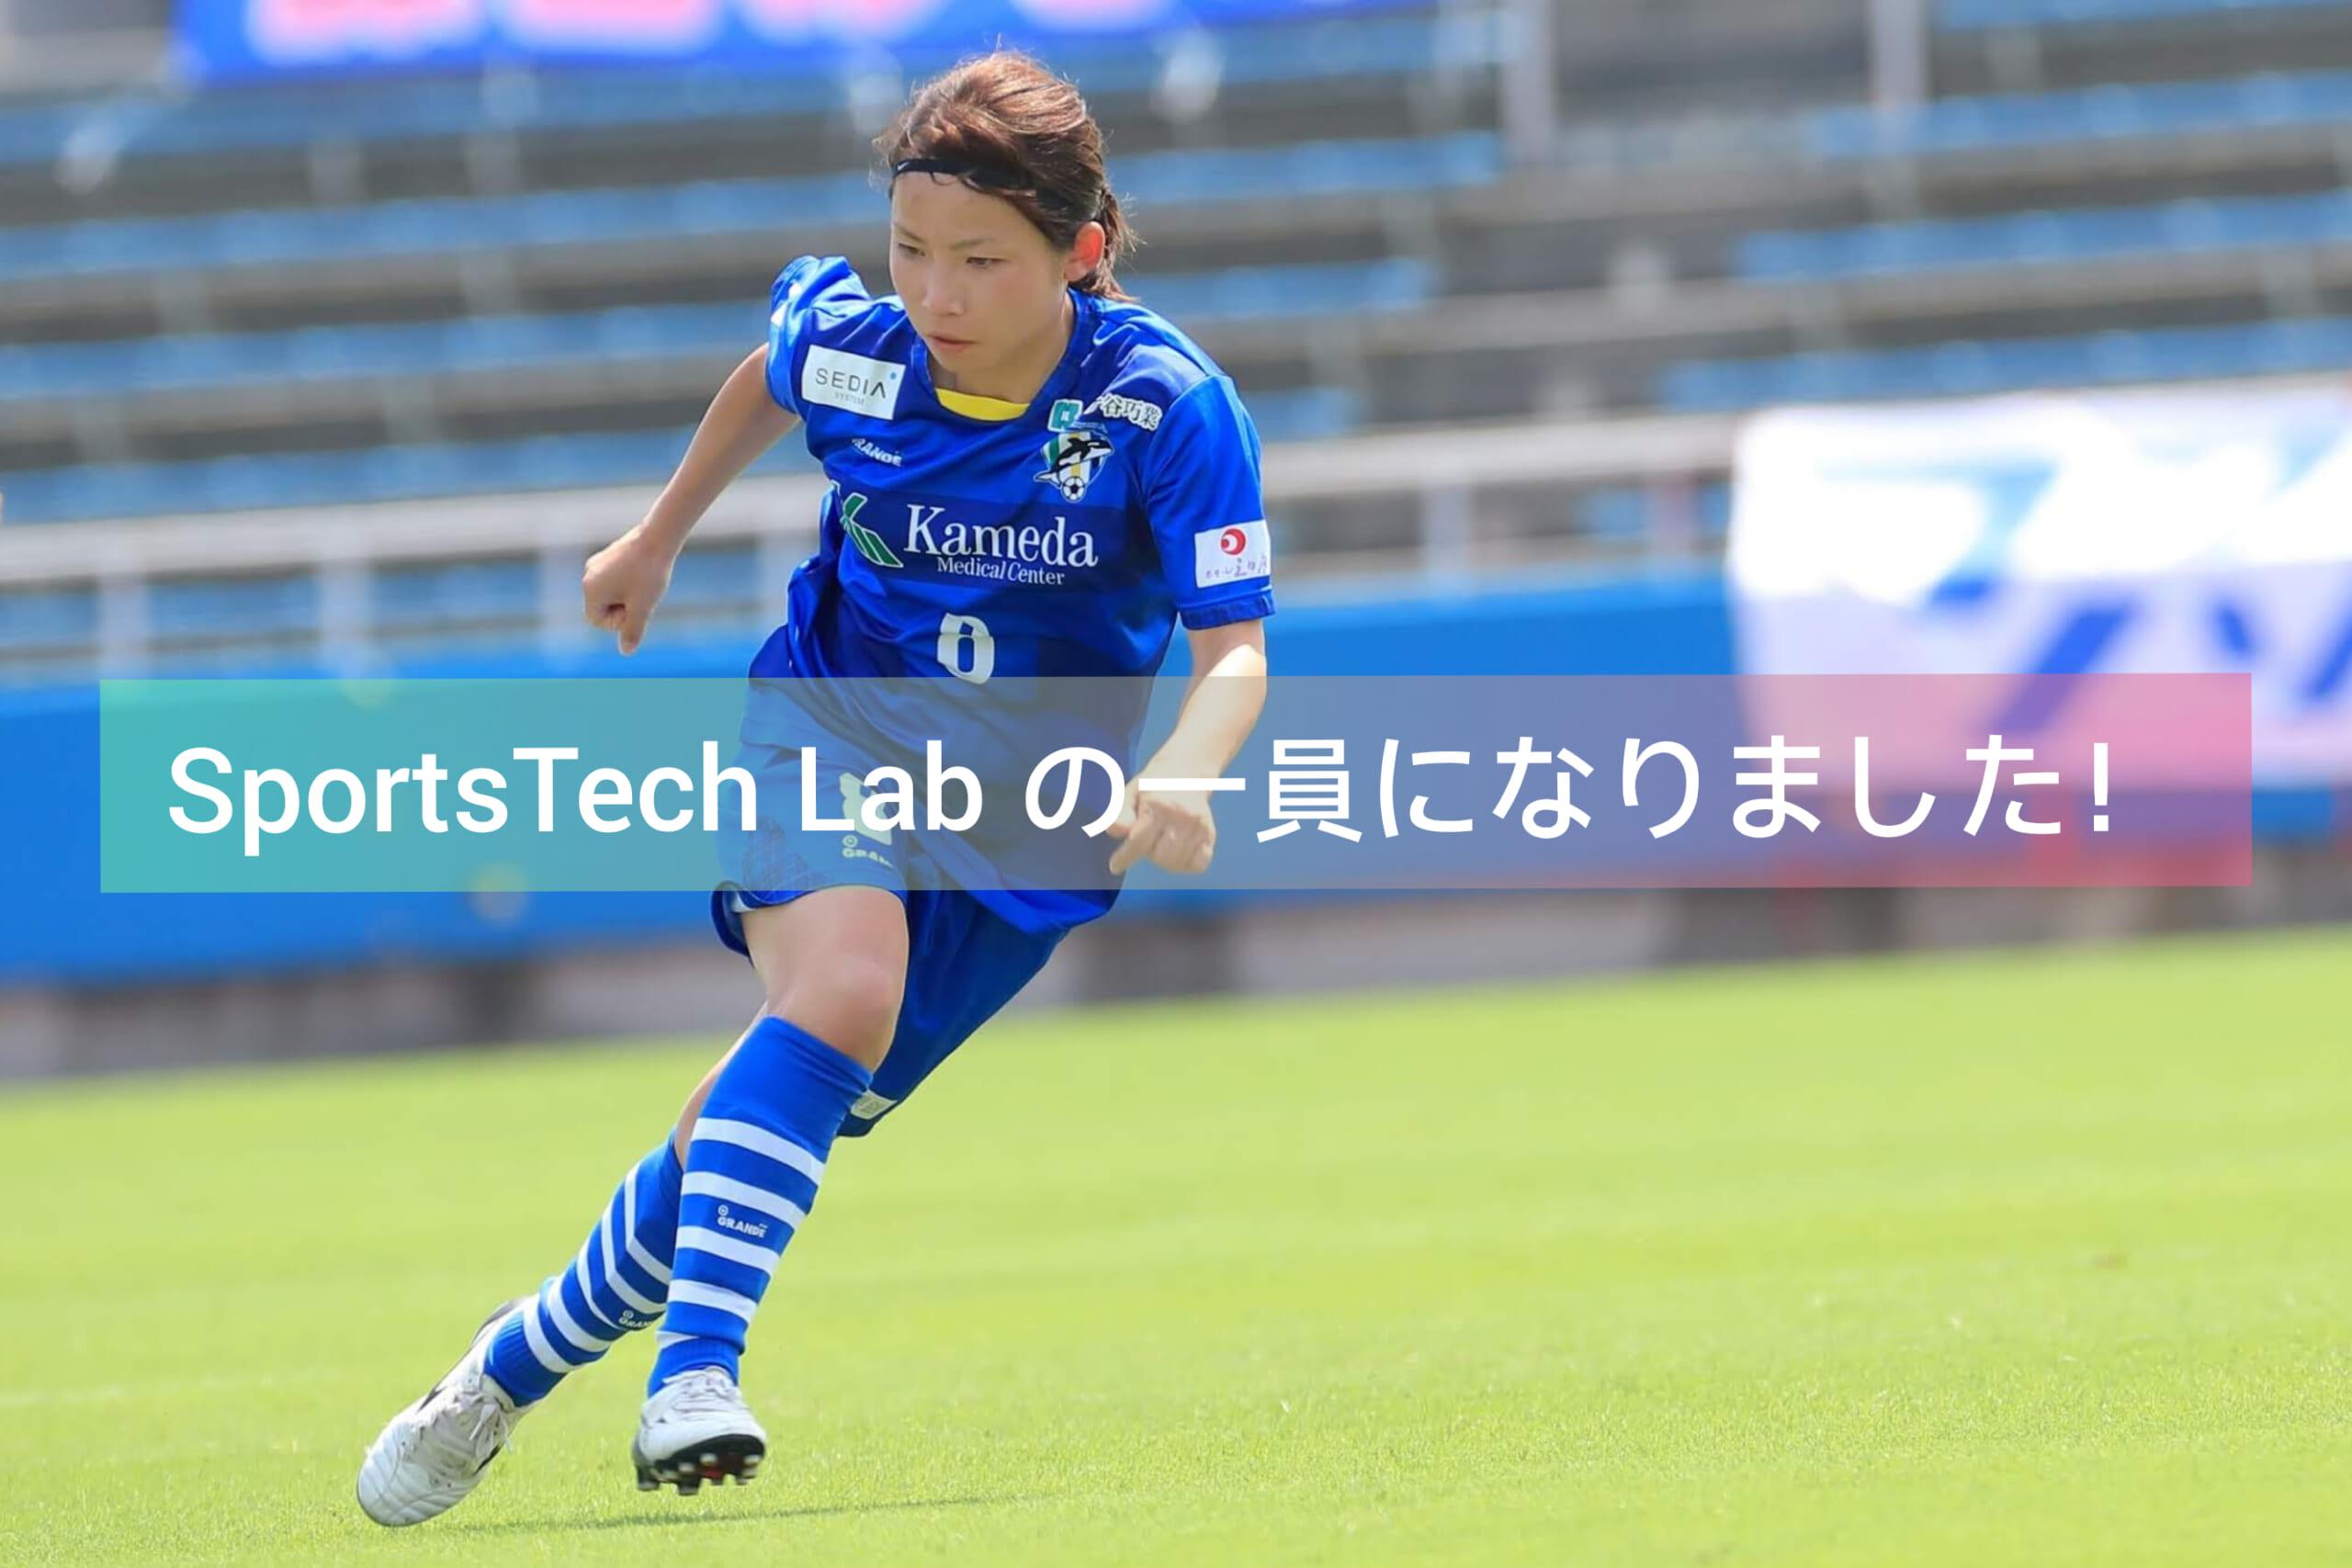 新しくSportsTech Labの一員になりました!! ーー藤田のぞみ